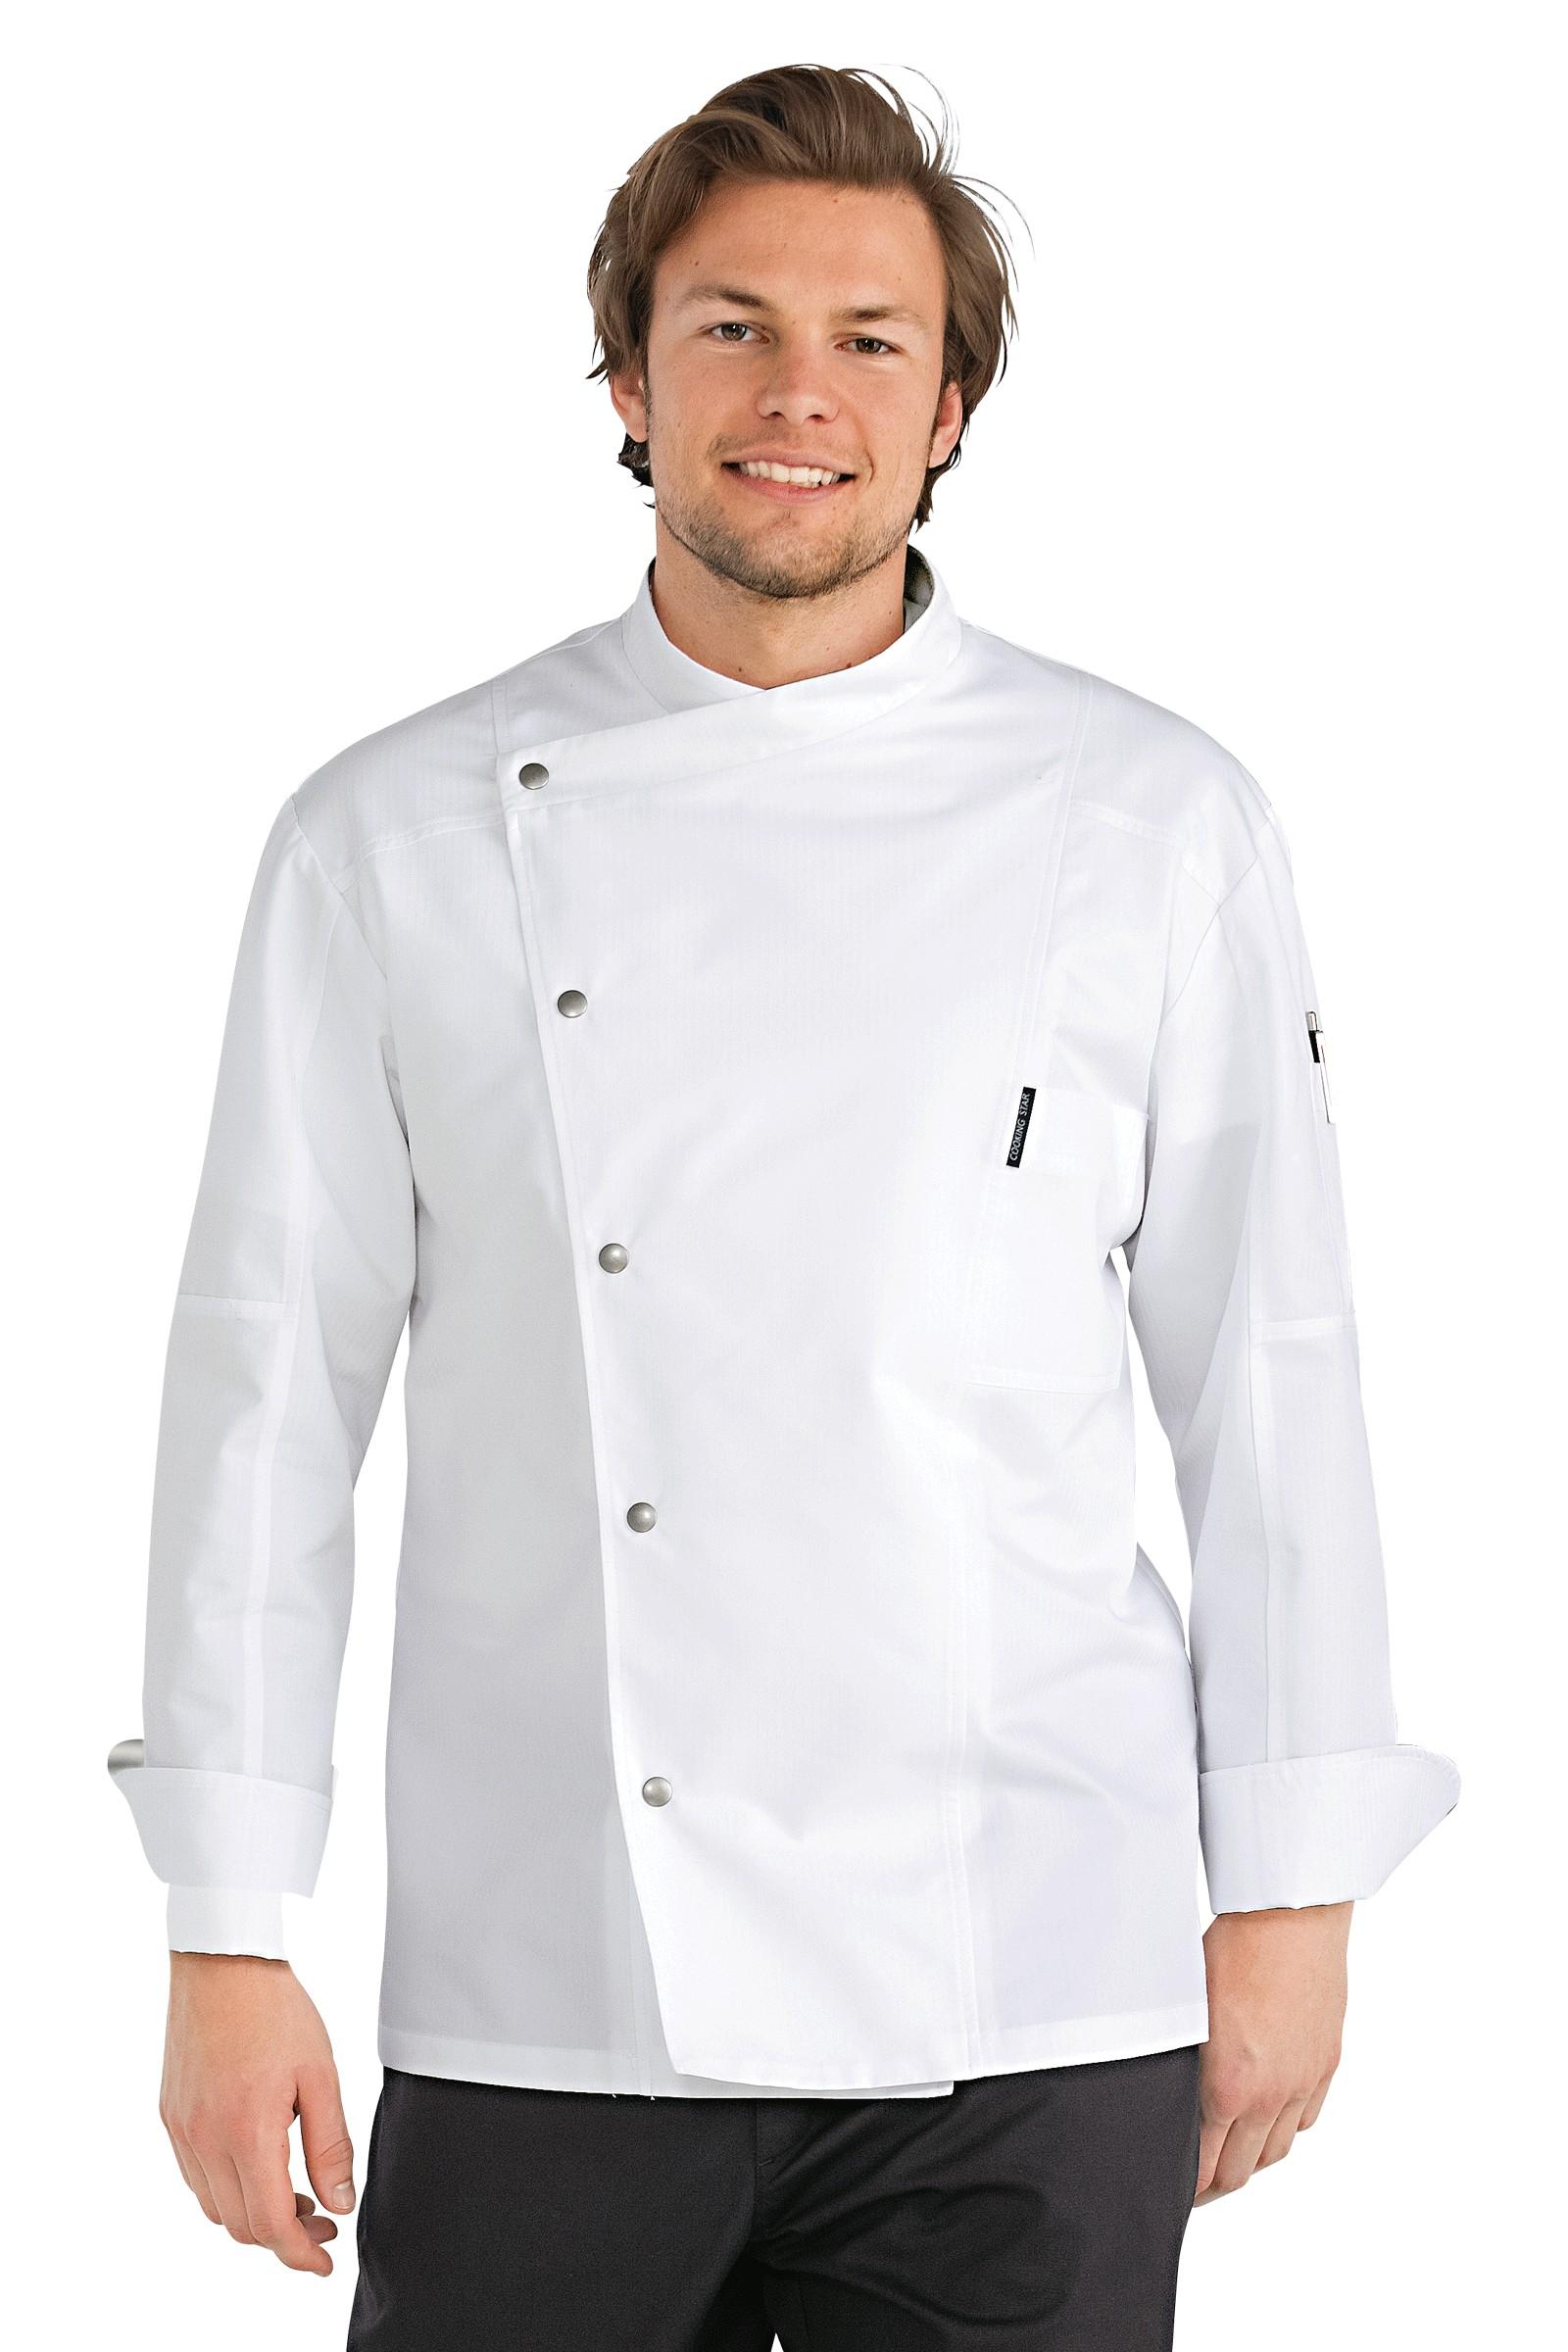 Chaquetillas de cocina hugo blanco - Chaquetillas de cocina ...